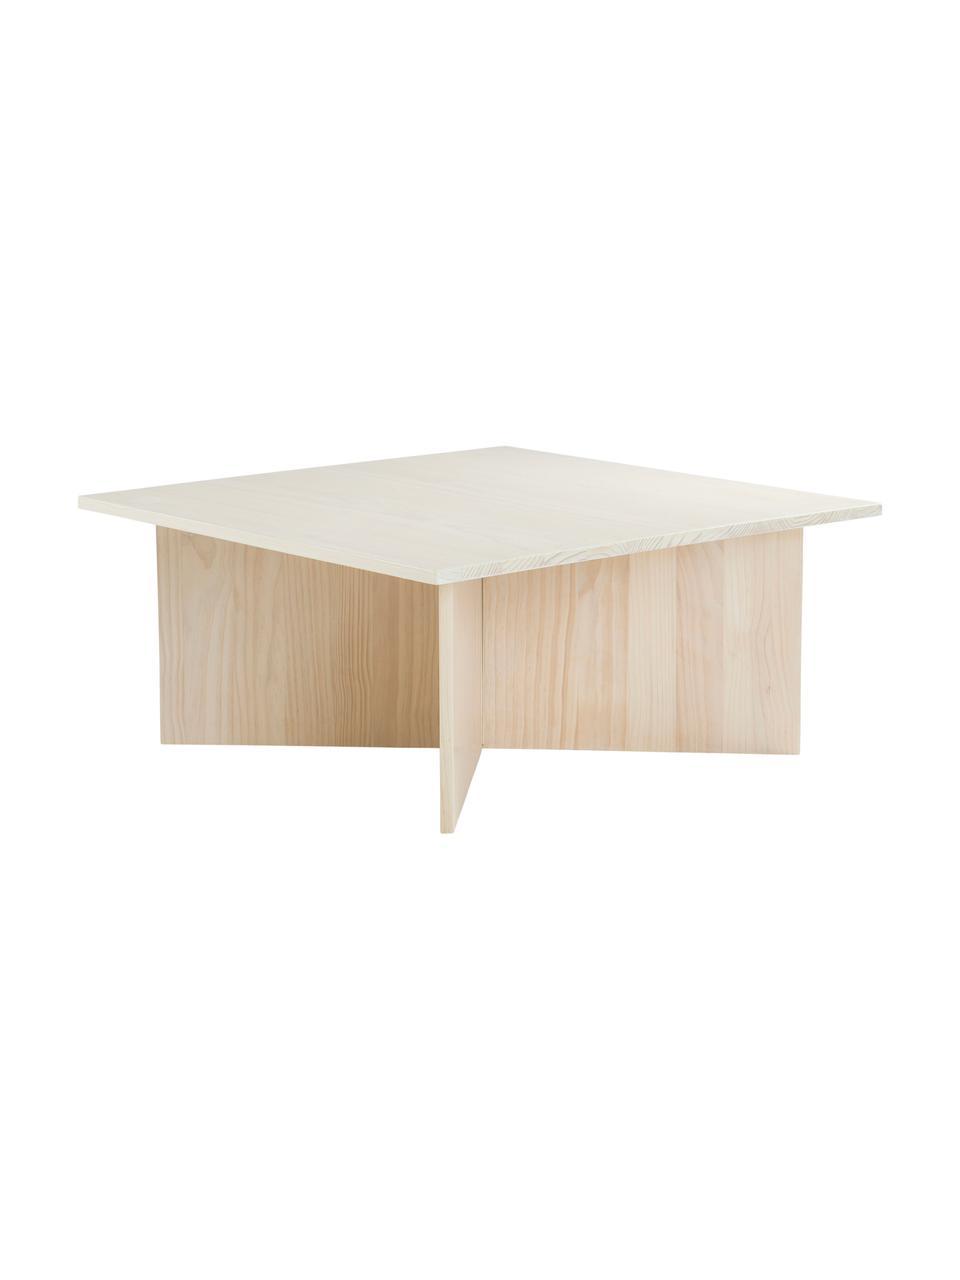 Stolik kawowy z litego drewna Grankulla, Drewno sosnowe, lite, Drewno sosnowe, S 90 x G 90 cm